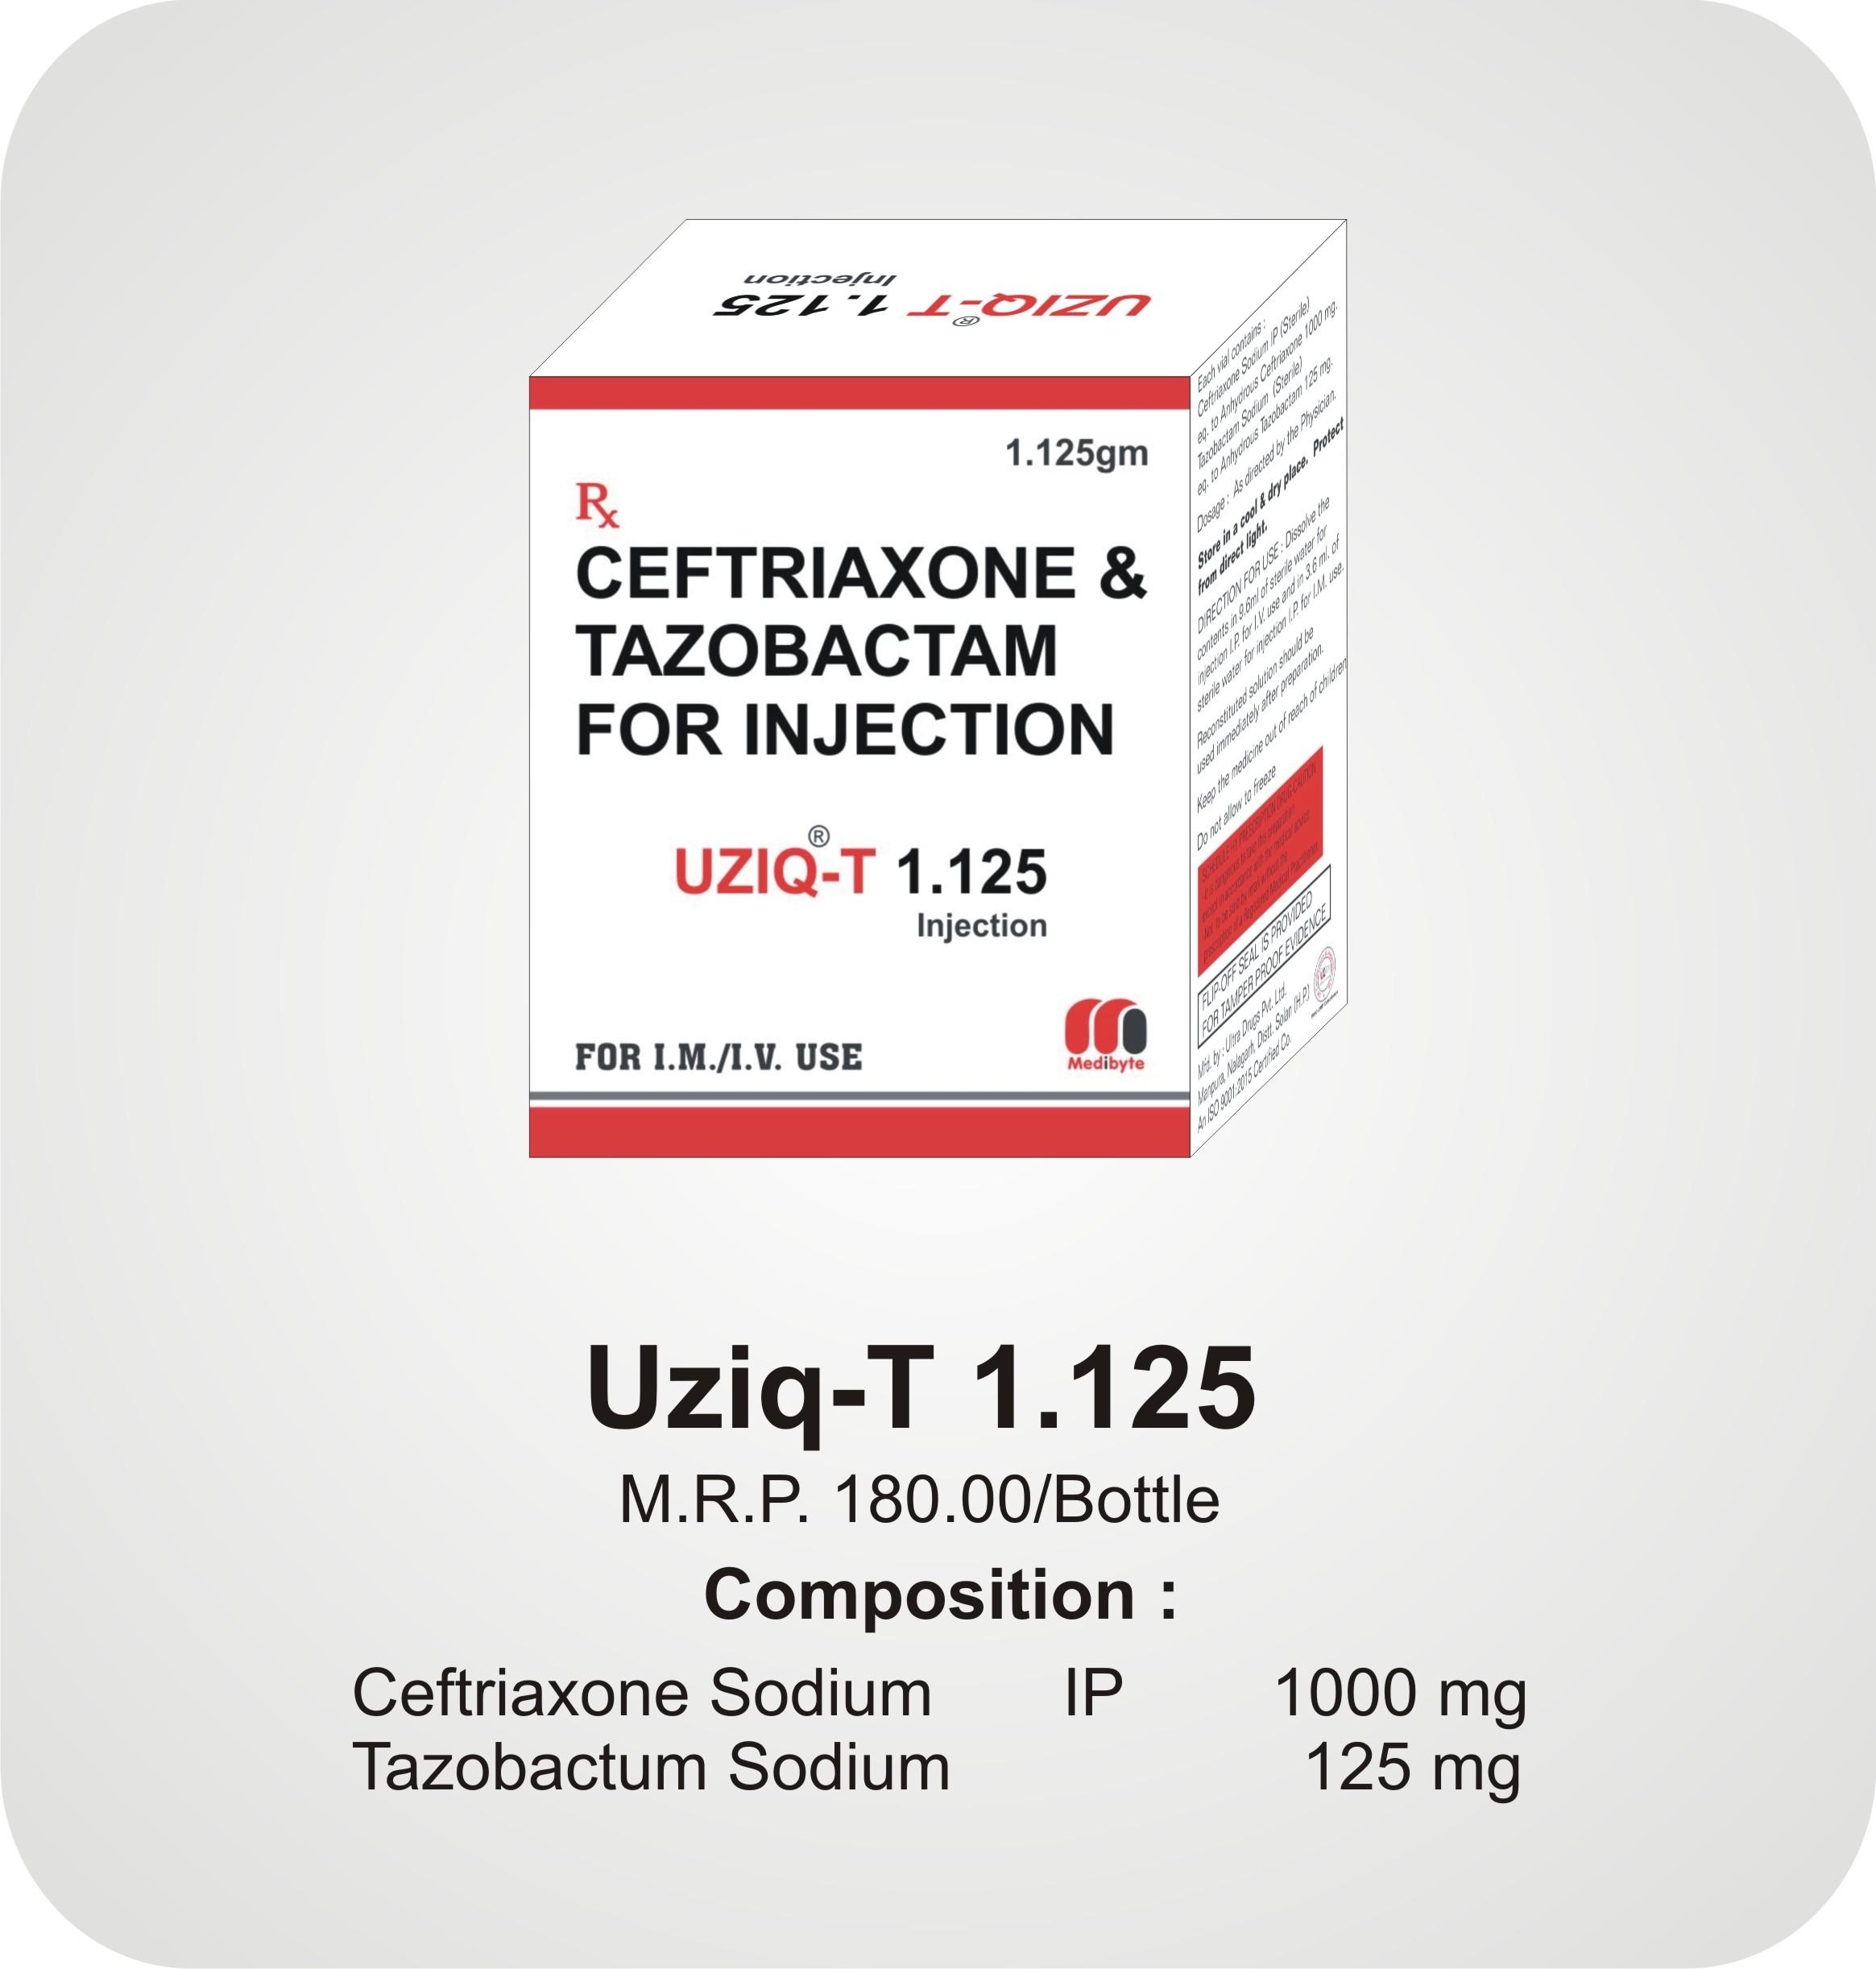 Uziq-T 1.125 Inj